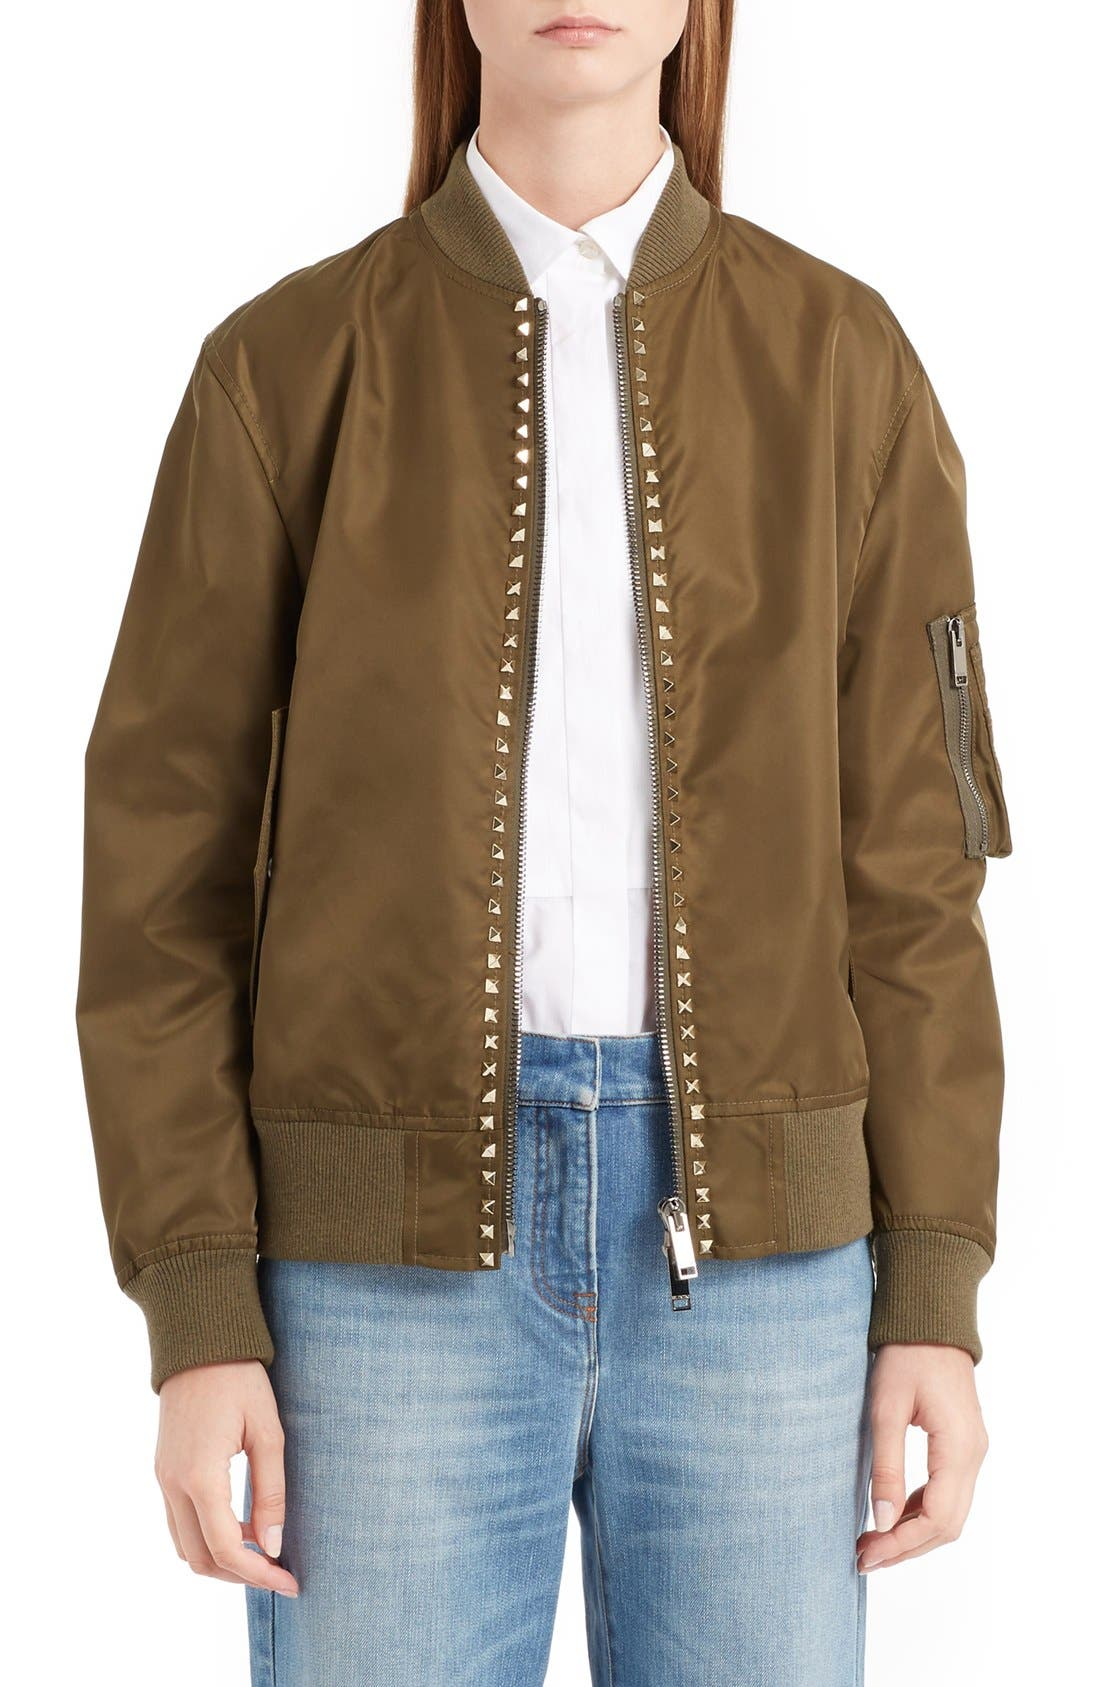 Valentino Rockstud Bomber Jacket